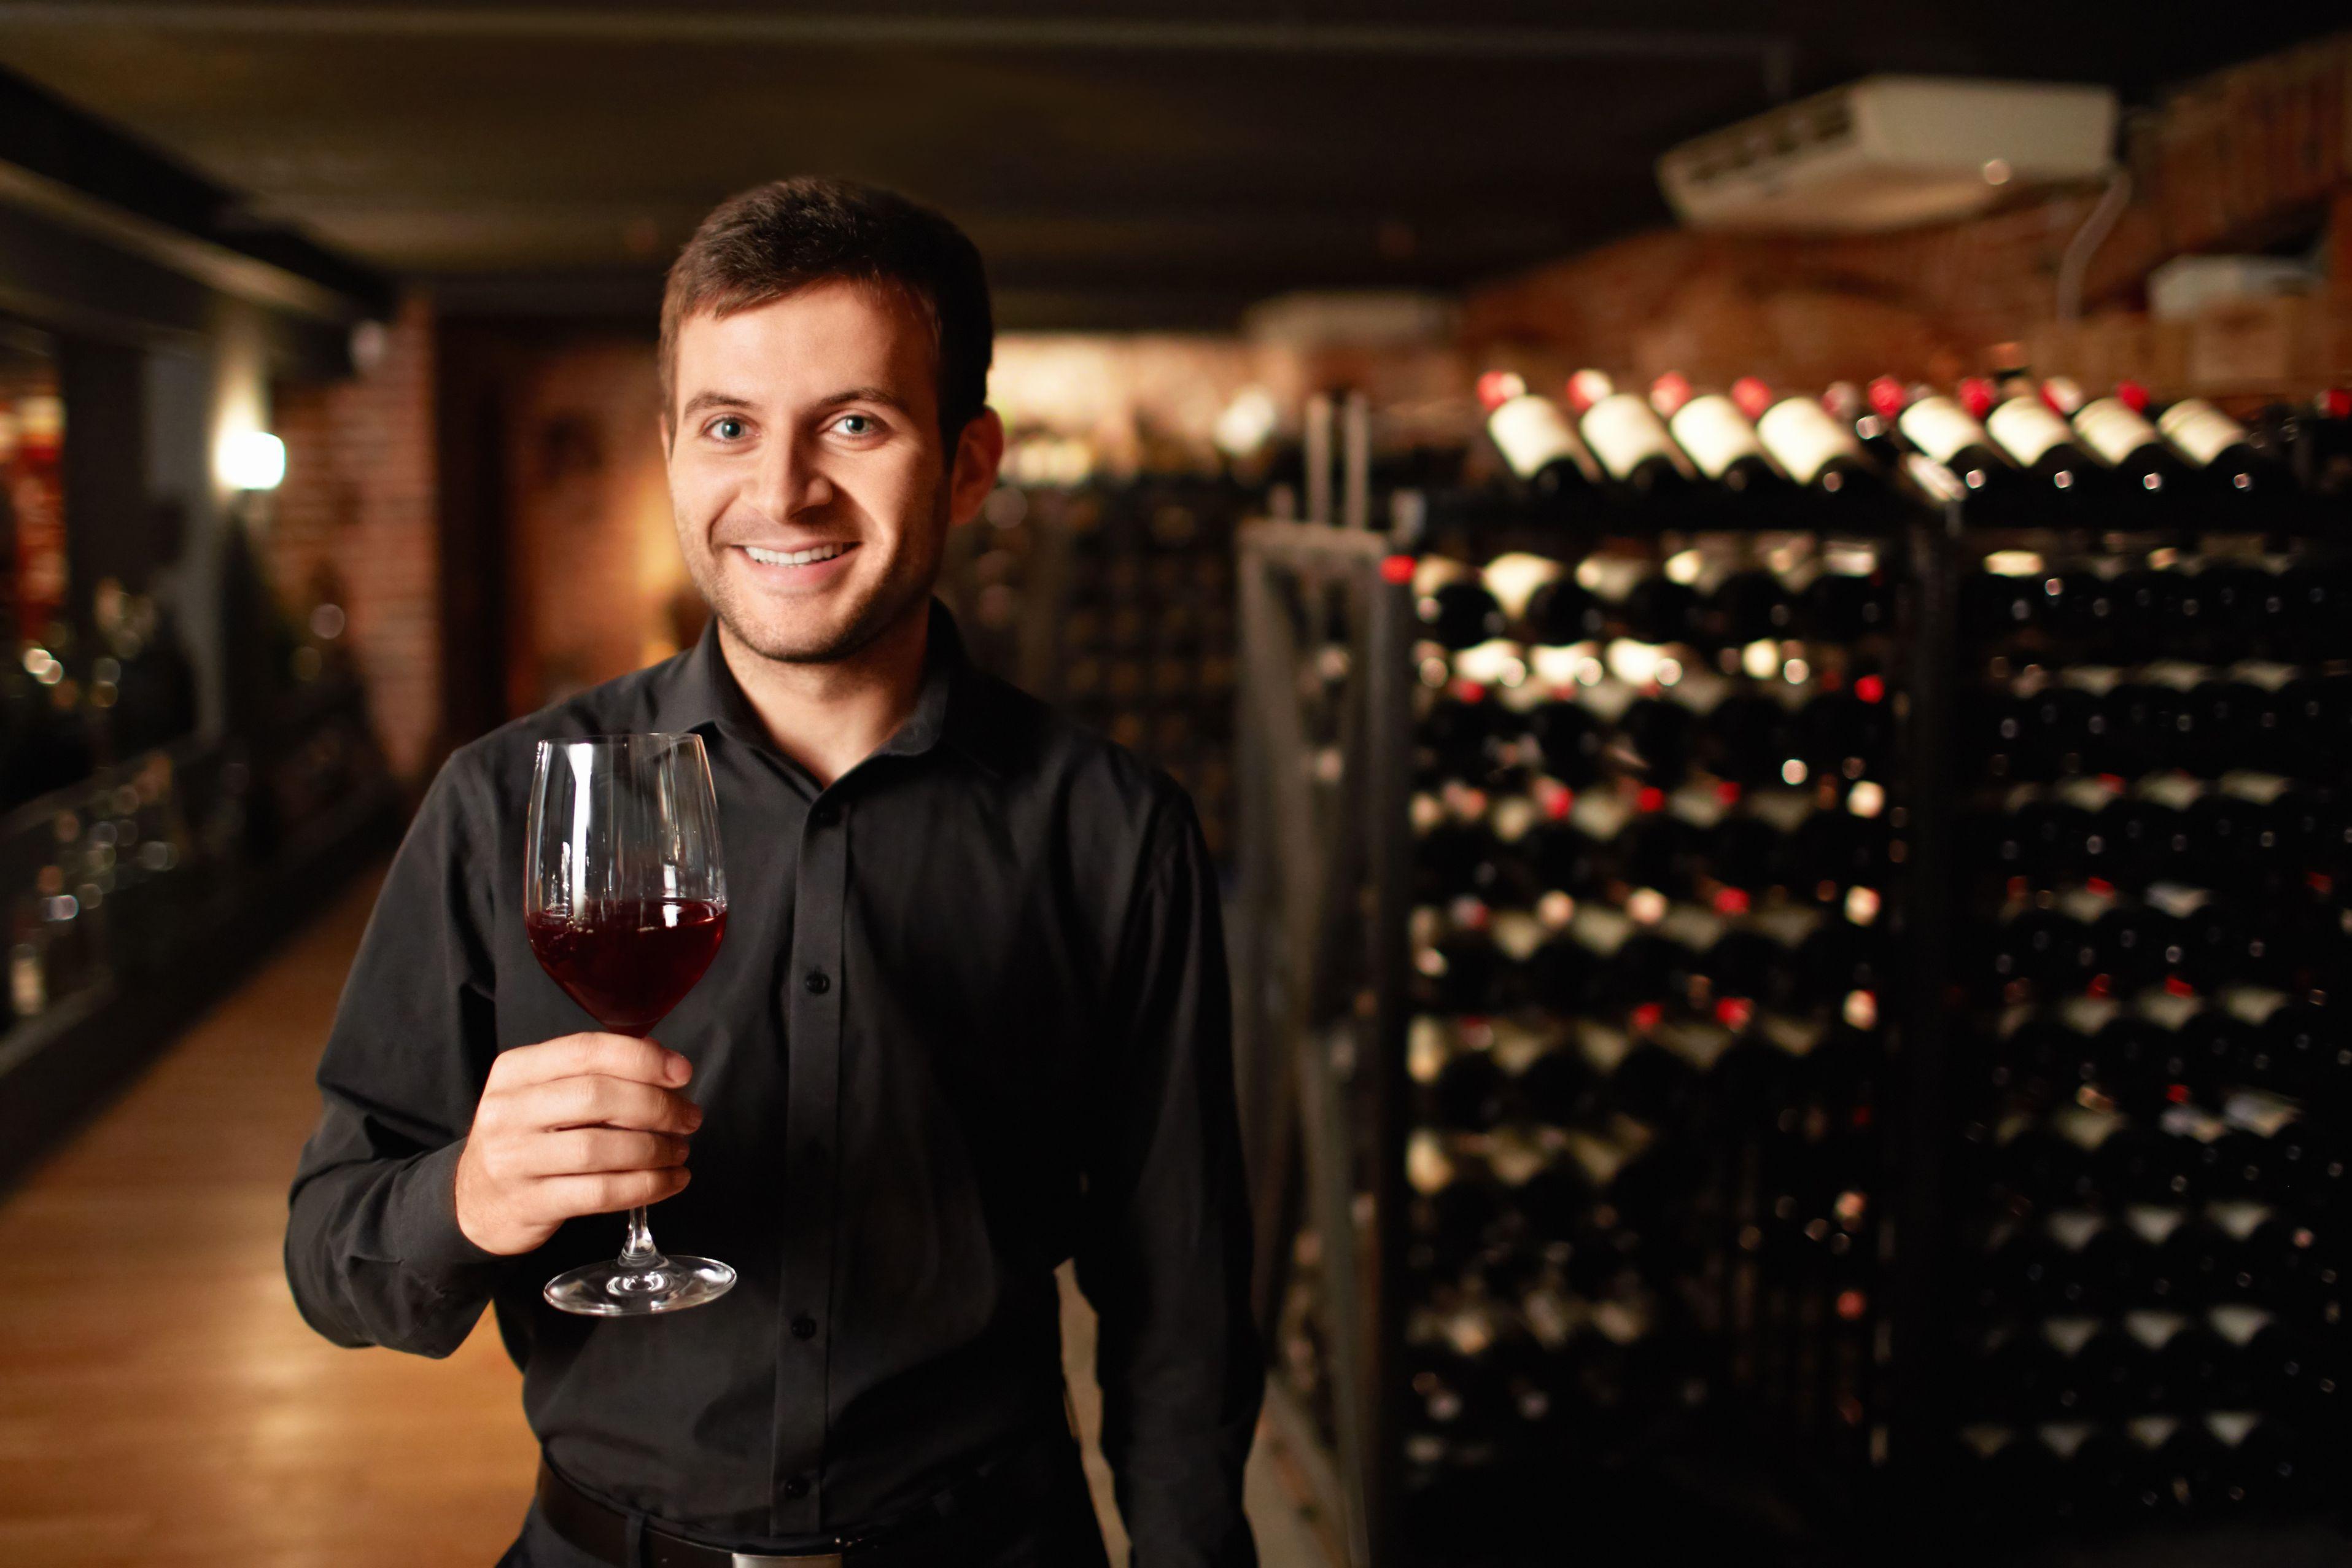 Bărbat cu un pahar de vin în mână, aflat într-o pivniță